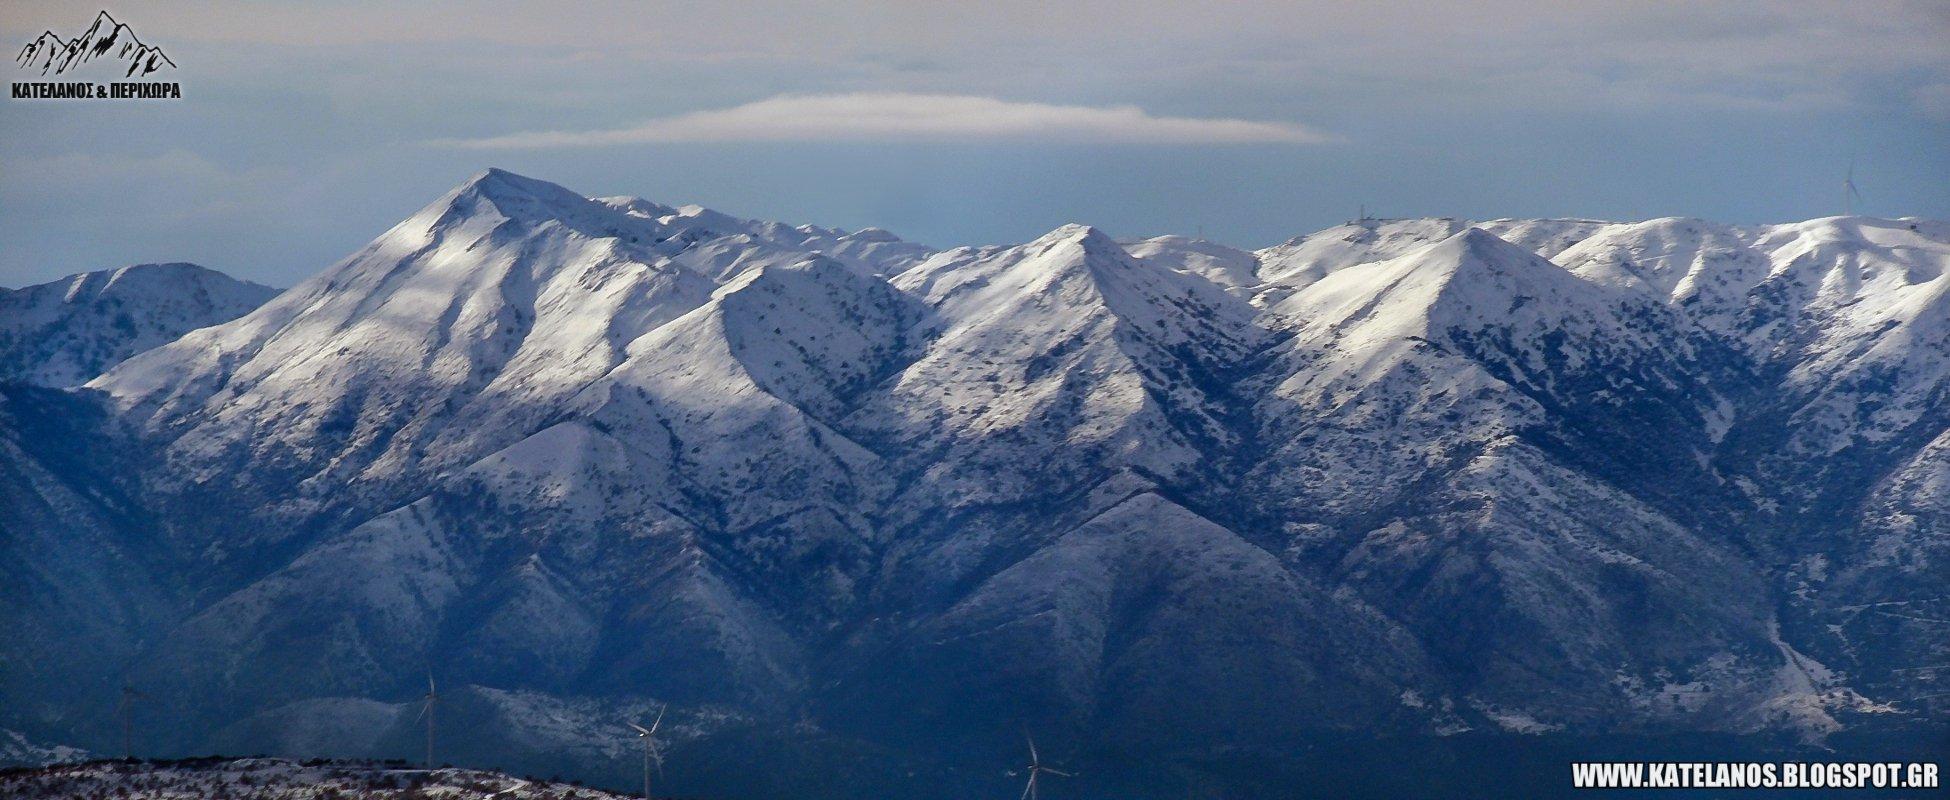 περγαντη ψηλη κορυφη ακαρνανικα ορη ξηρομερο χιονια